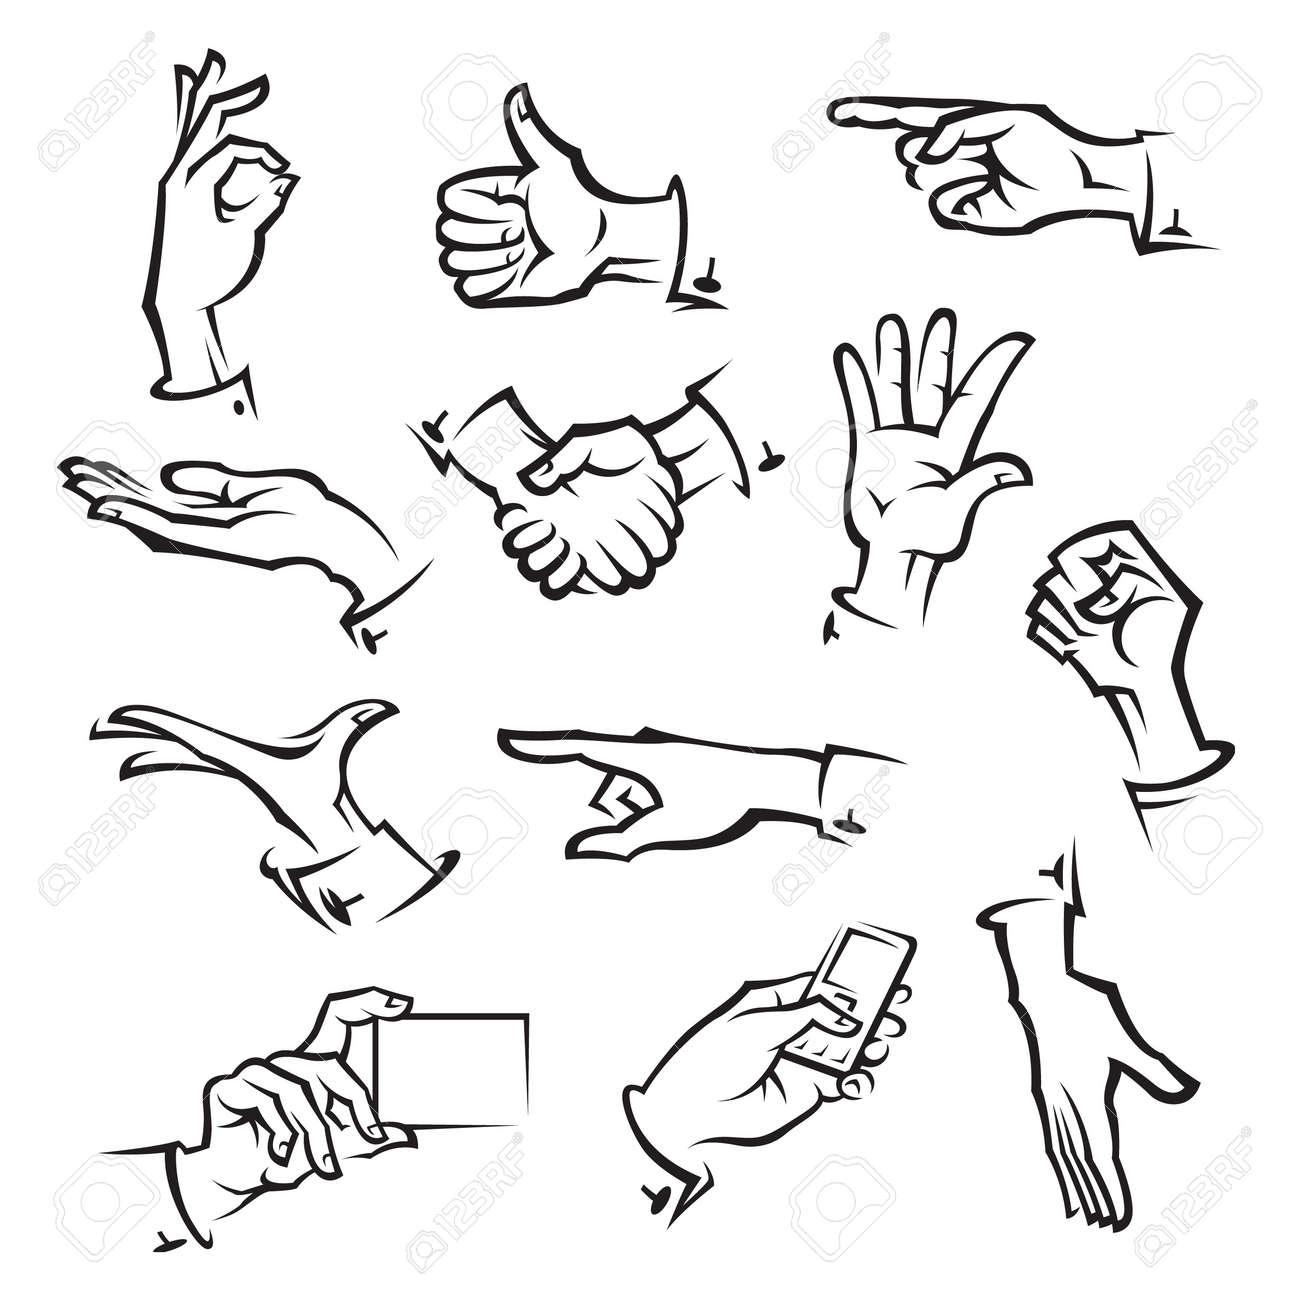 hands Stock Vector - 11650214